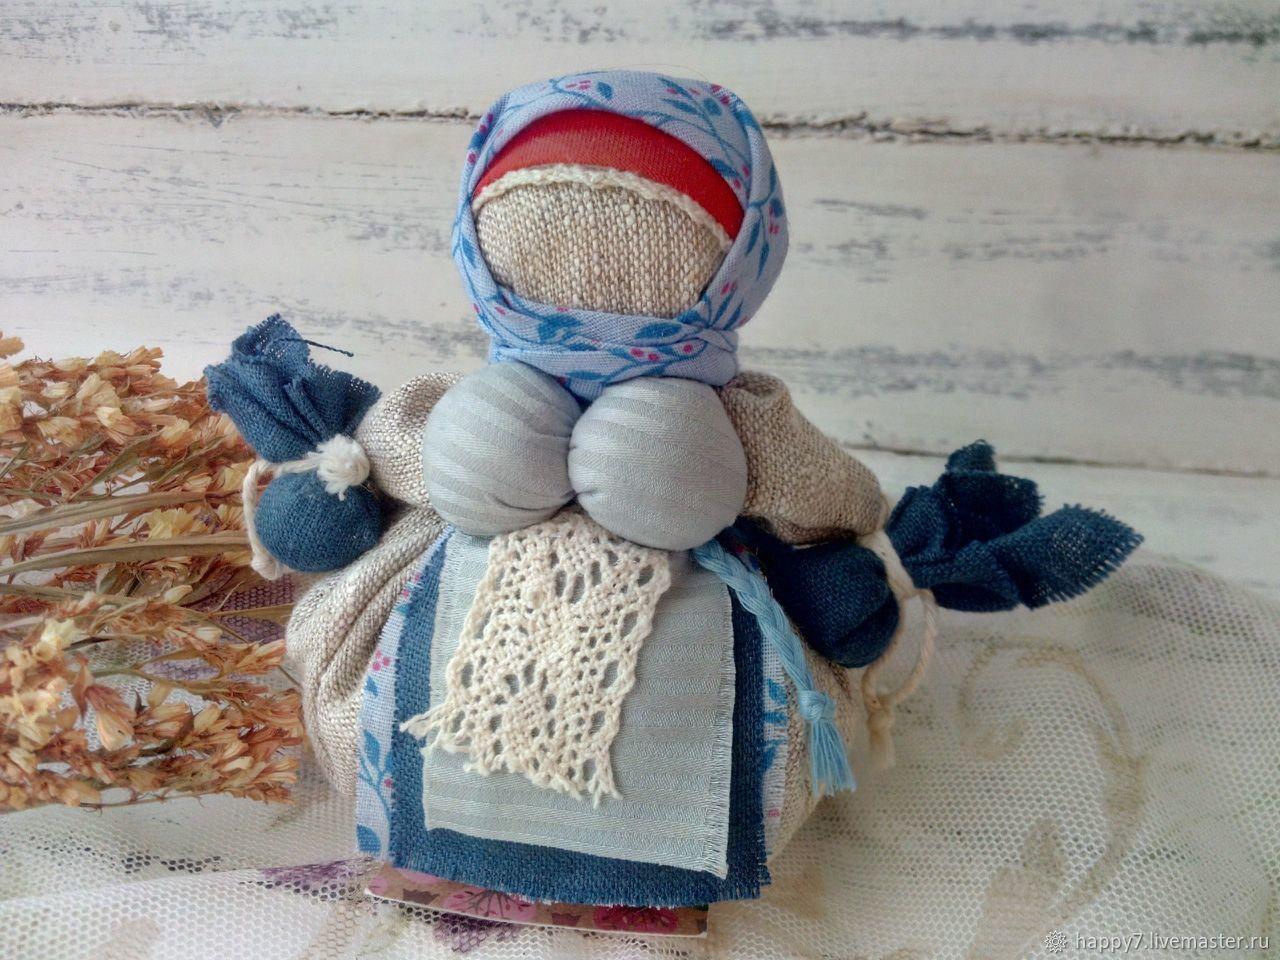 Методическая разработка на тему: мастер - класс для педагогов «изготовление куклы-оберега «кормилка» (обучение изготовлению тряпичных кукол)